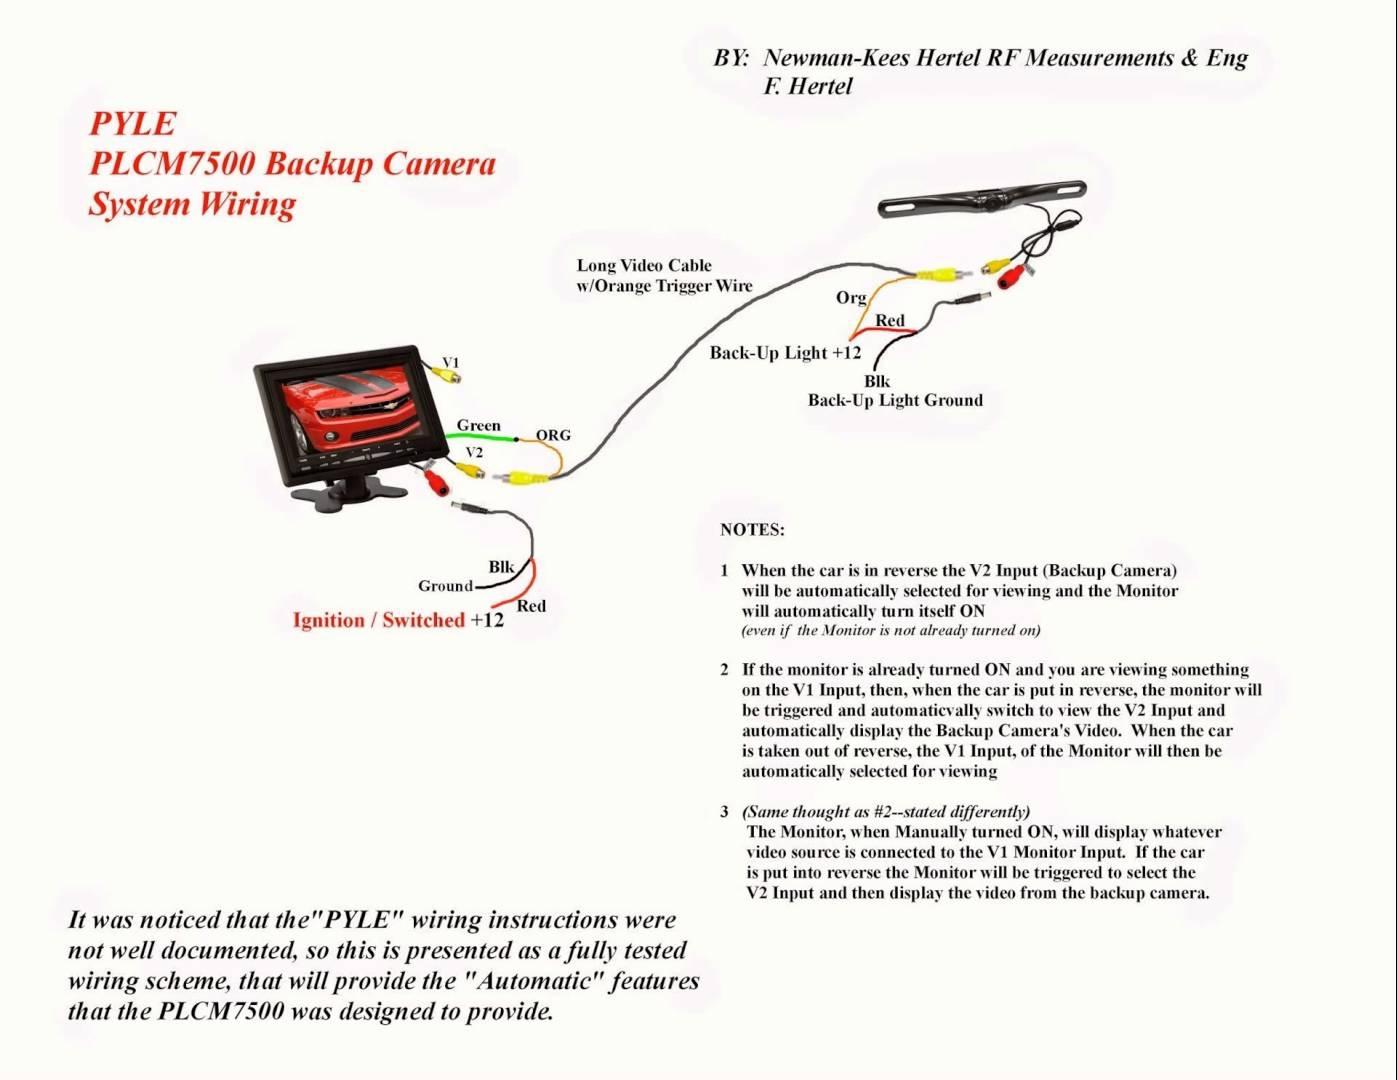 Voyager Camera Wiring Diagram   Wiring Diagram - Voyager Backup Camera Wiring Diagram